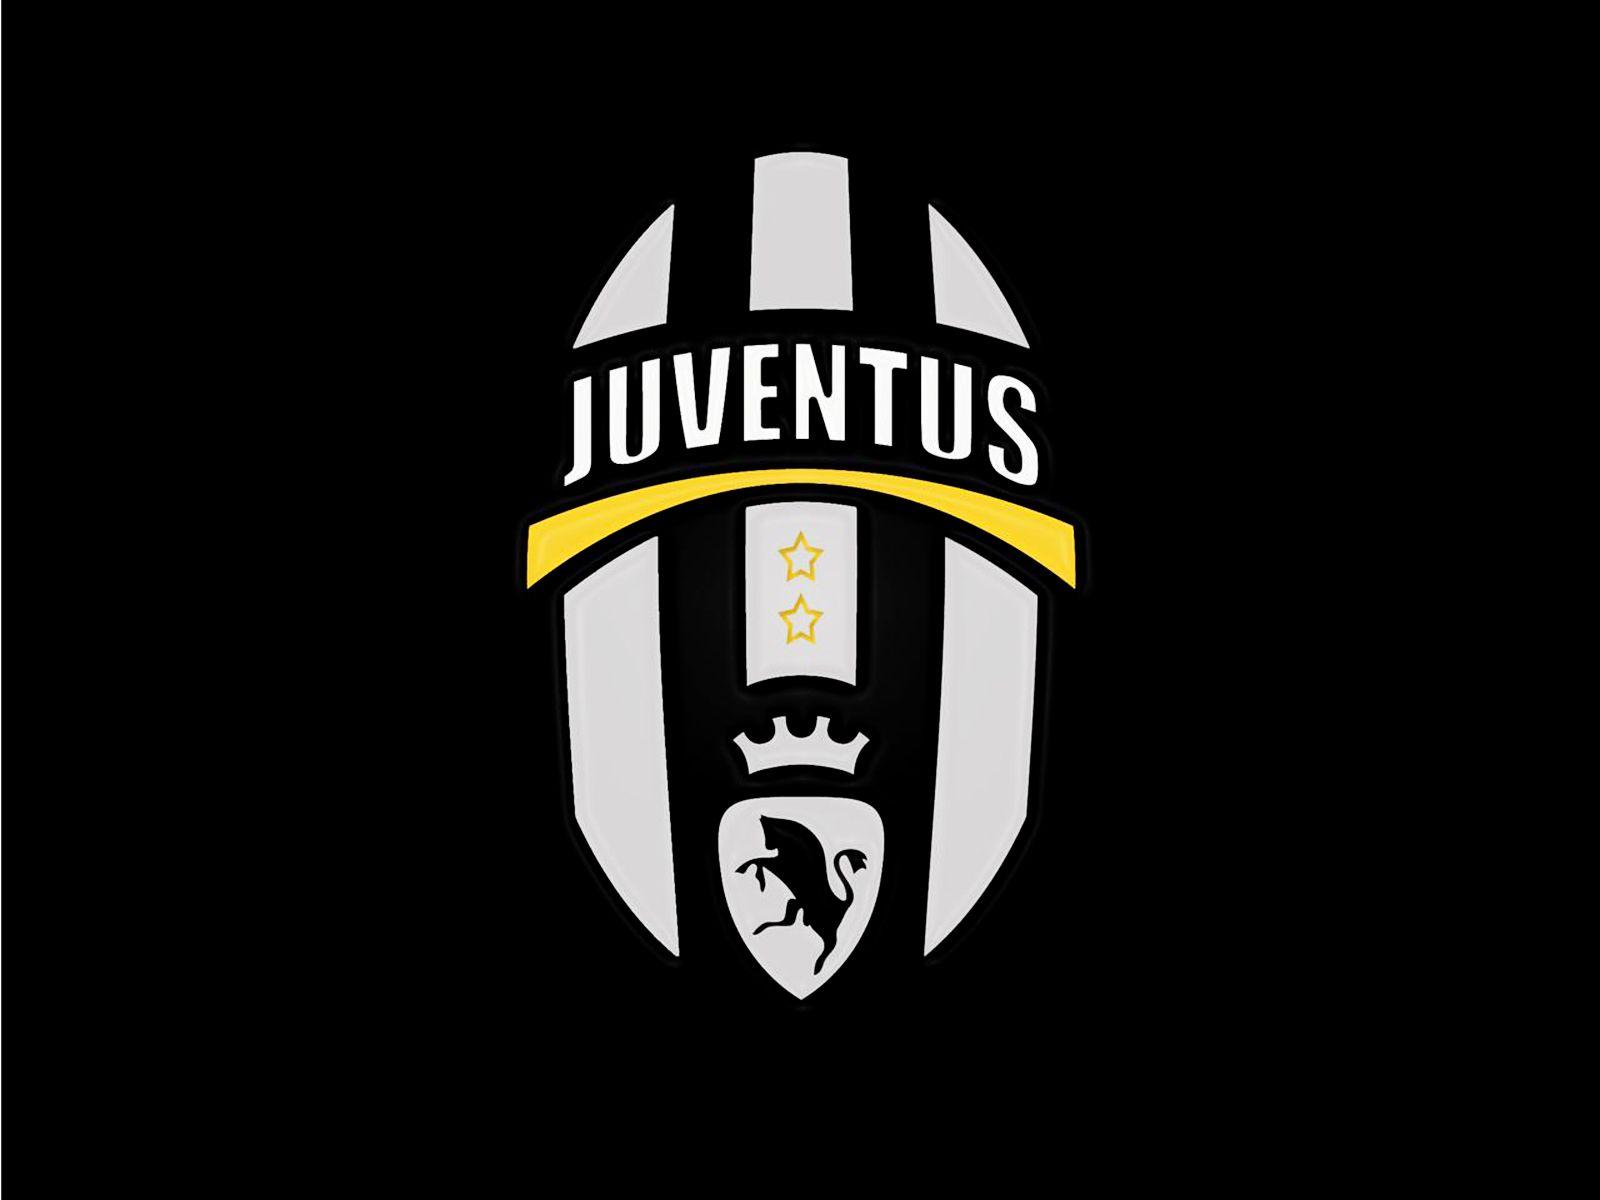 Juventus Fc: Juventus Fc Wallpaper And Background Image